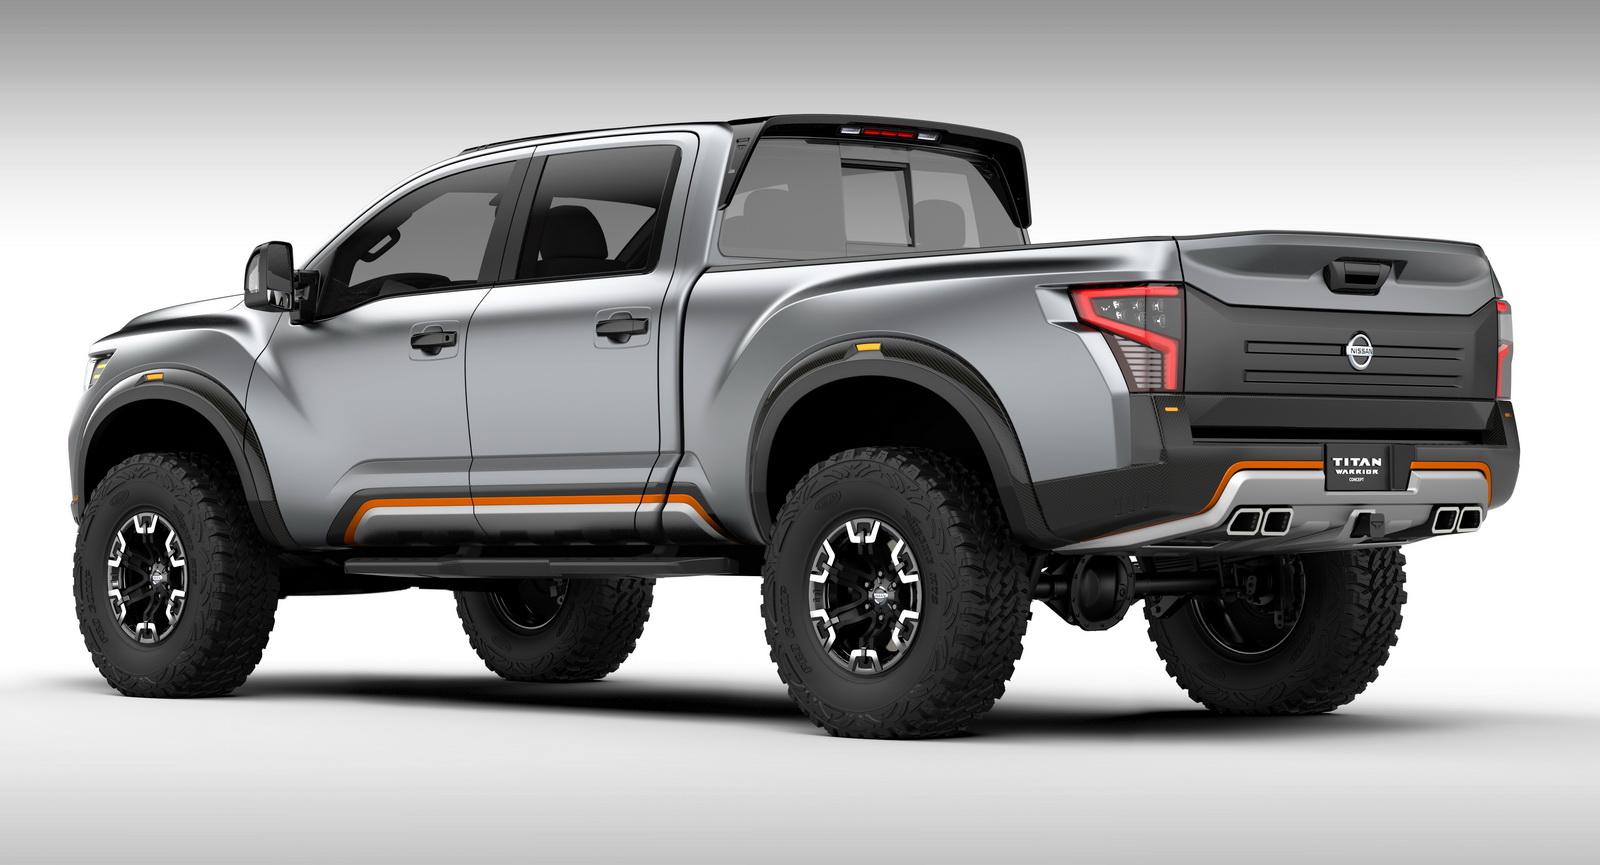 Titan Auto Sales >> Επίσημο: Nissan Titan Warrior concept - Autoblog.gr